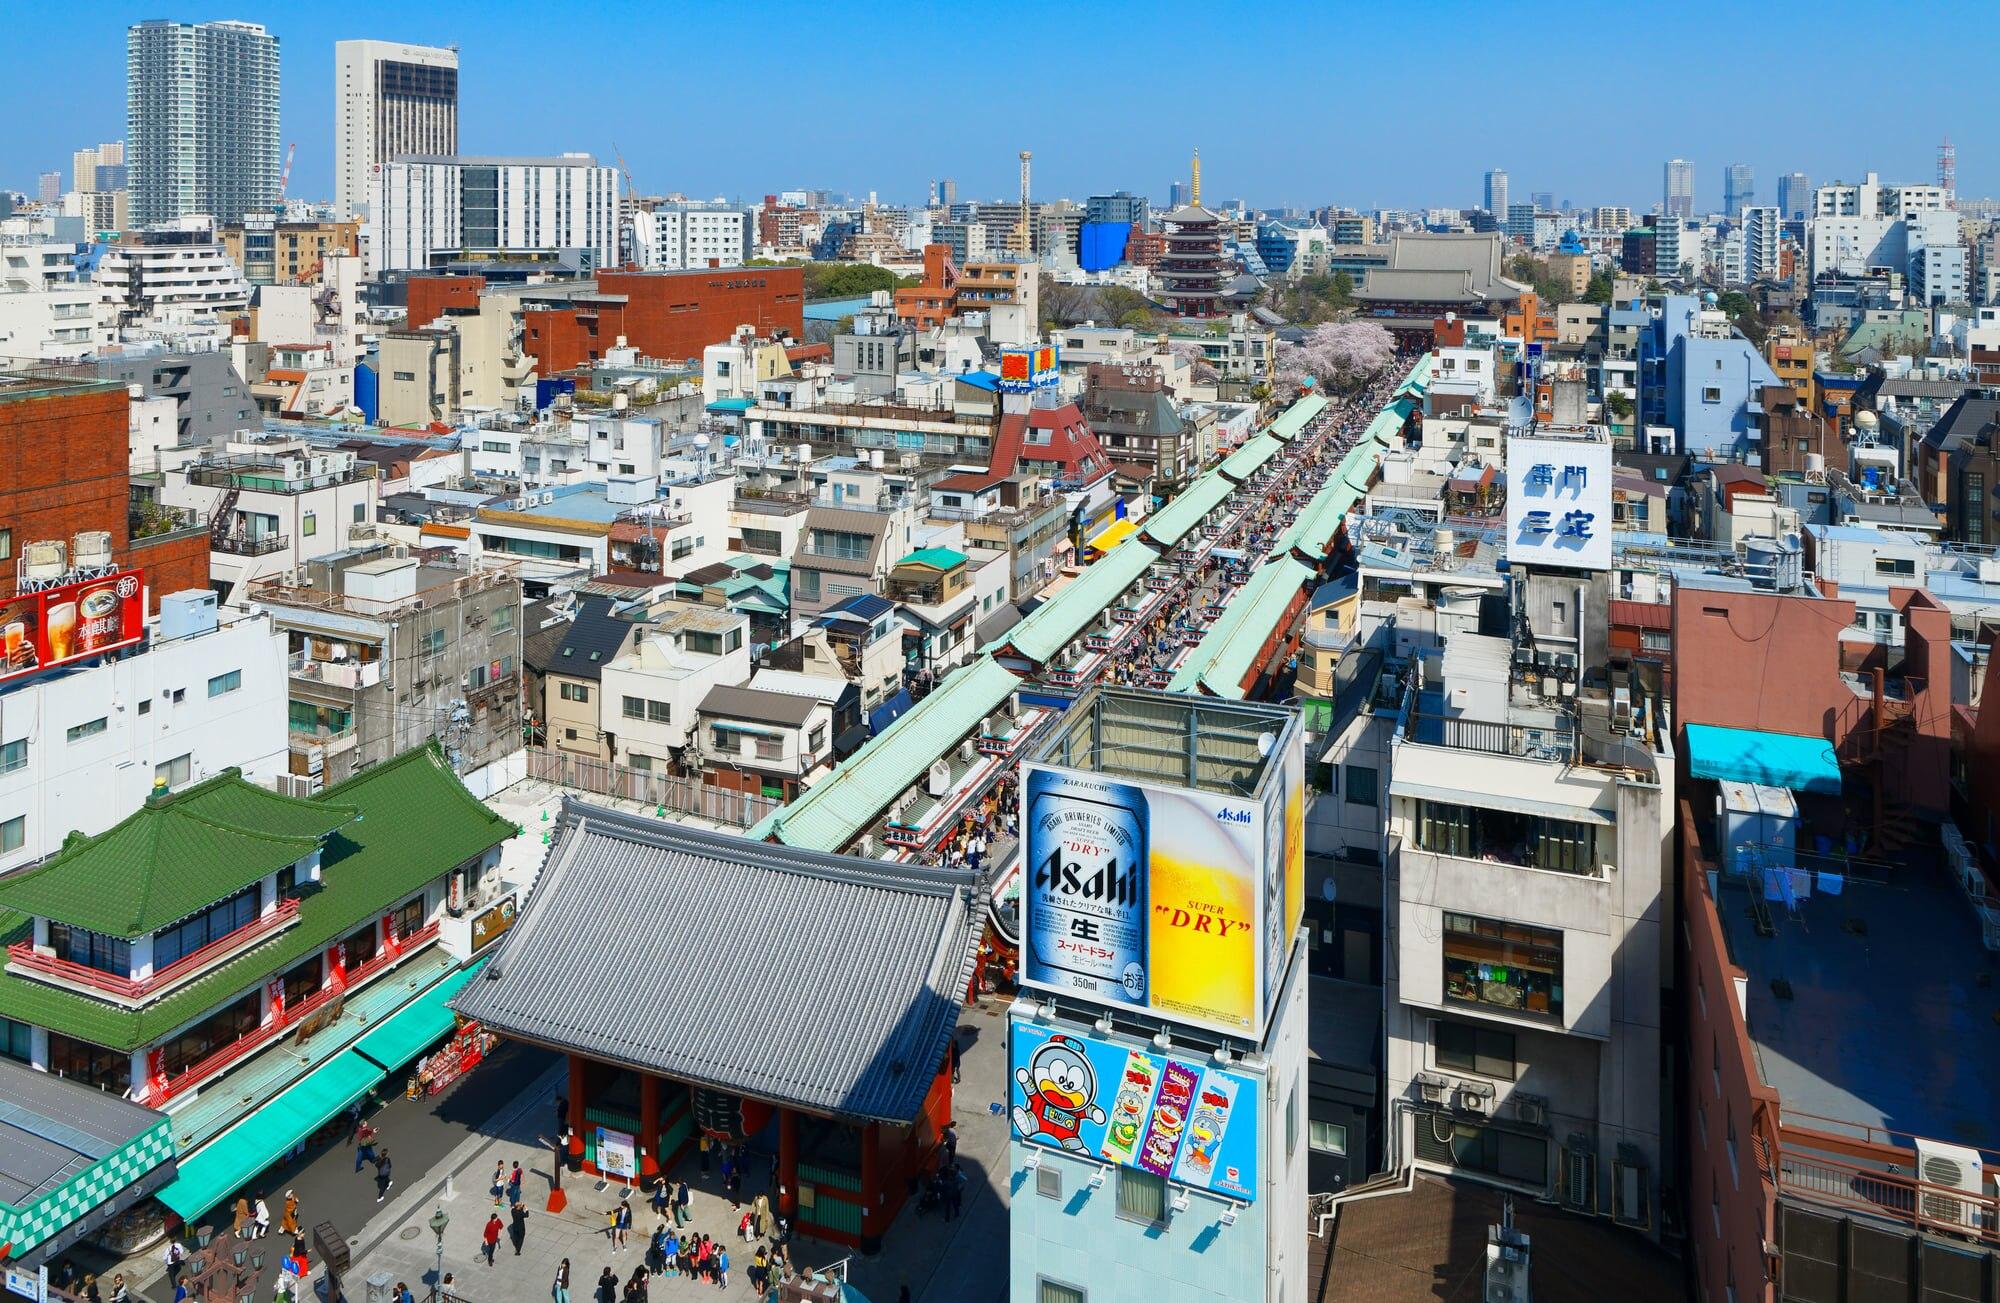 浅草を代表する観光名所・浅草寺で見て欲しいおすすめスポット!